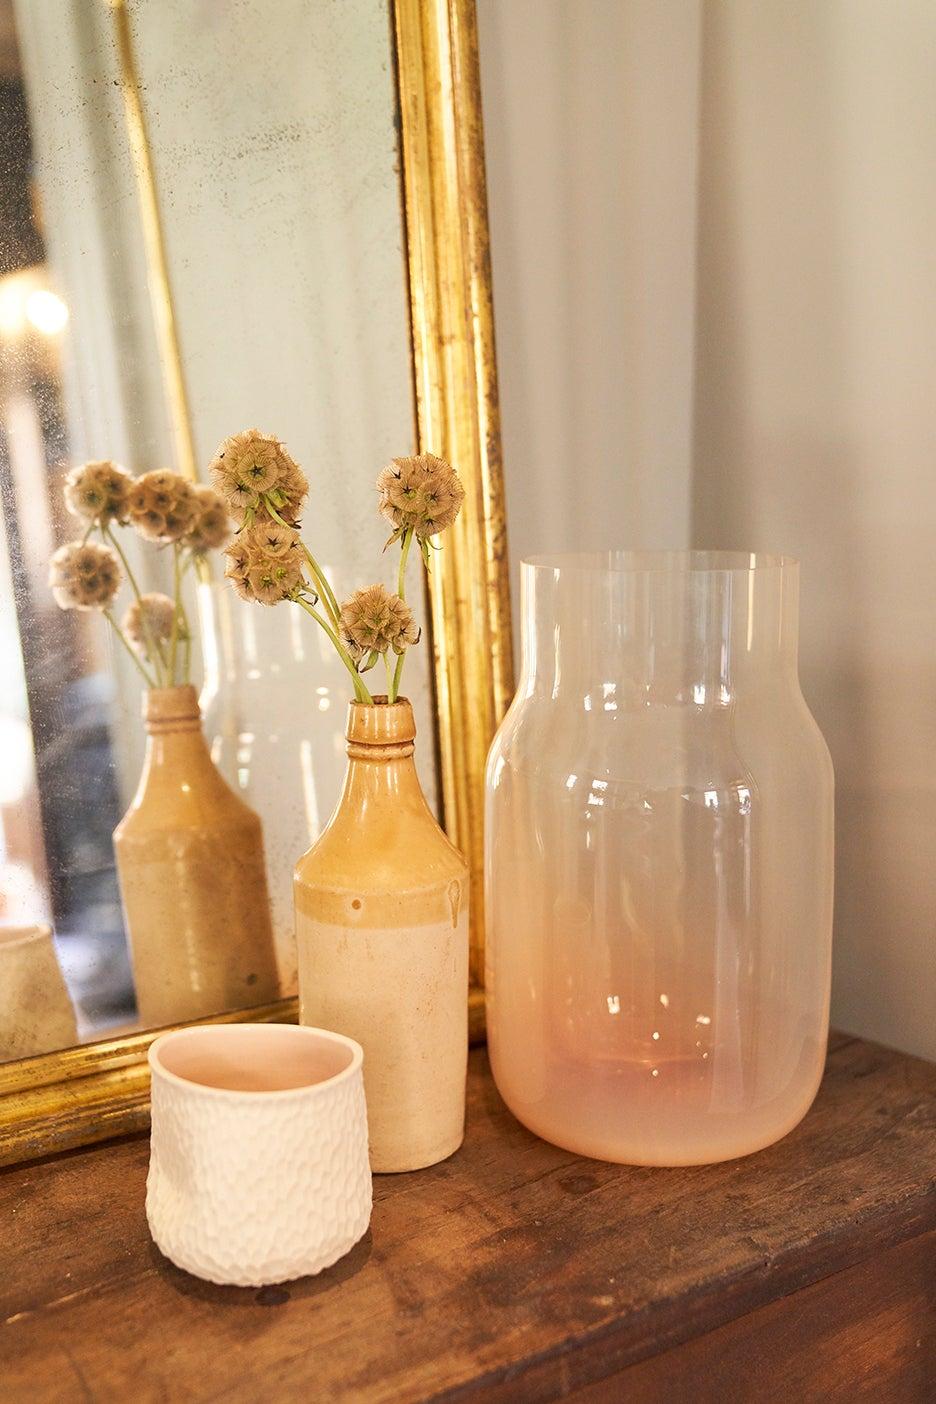 Monochromatic vases styled by Jenna Lyons